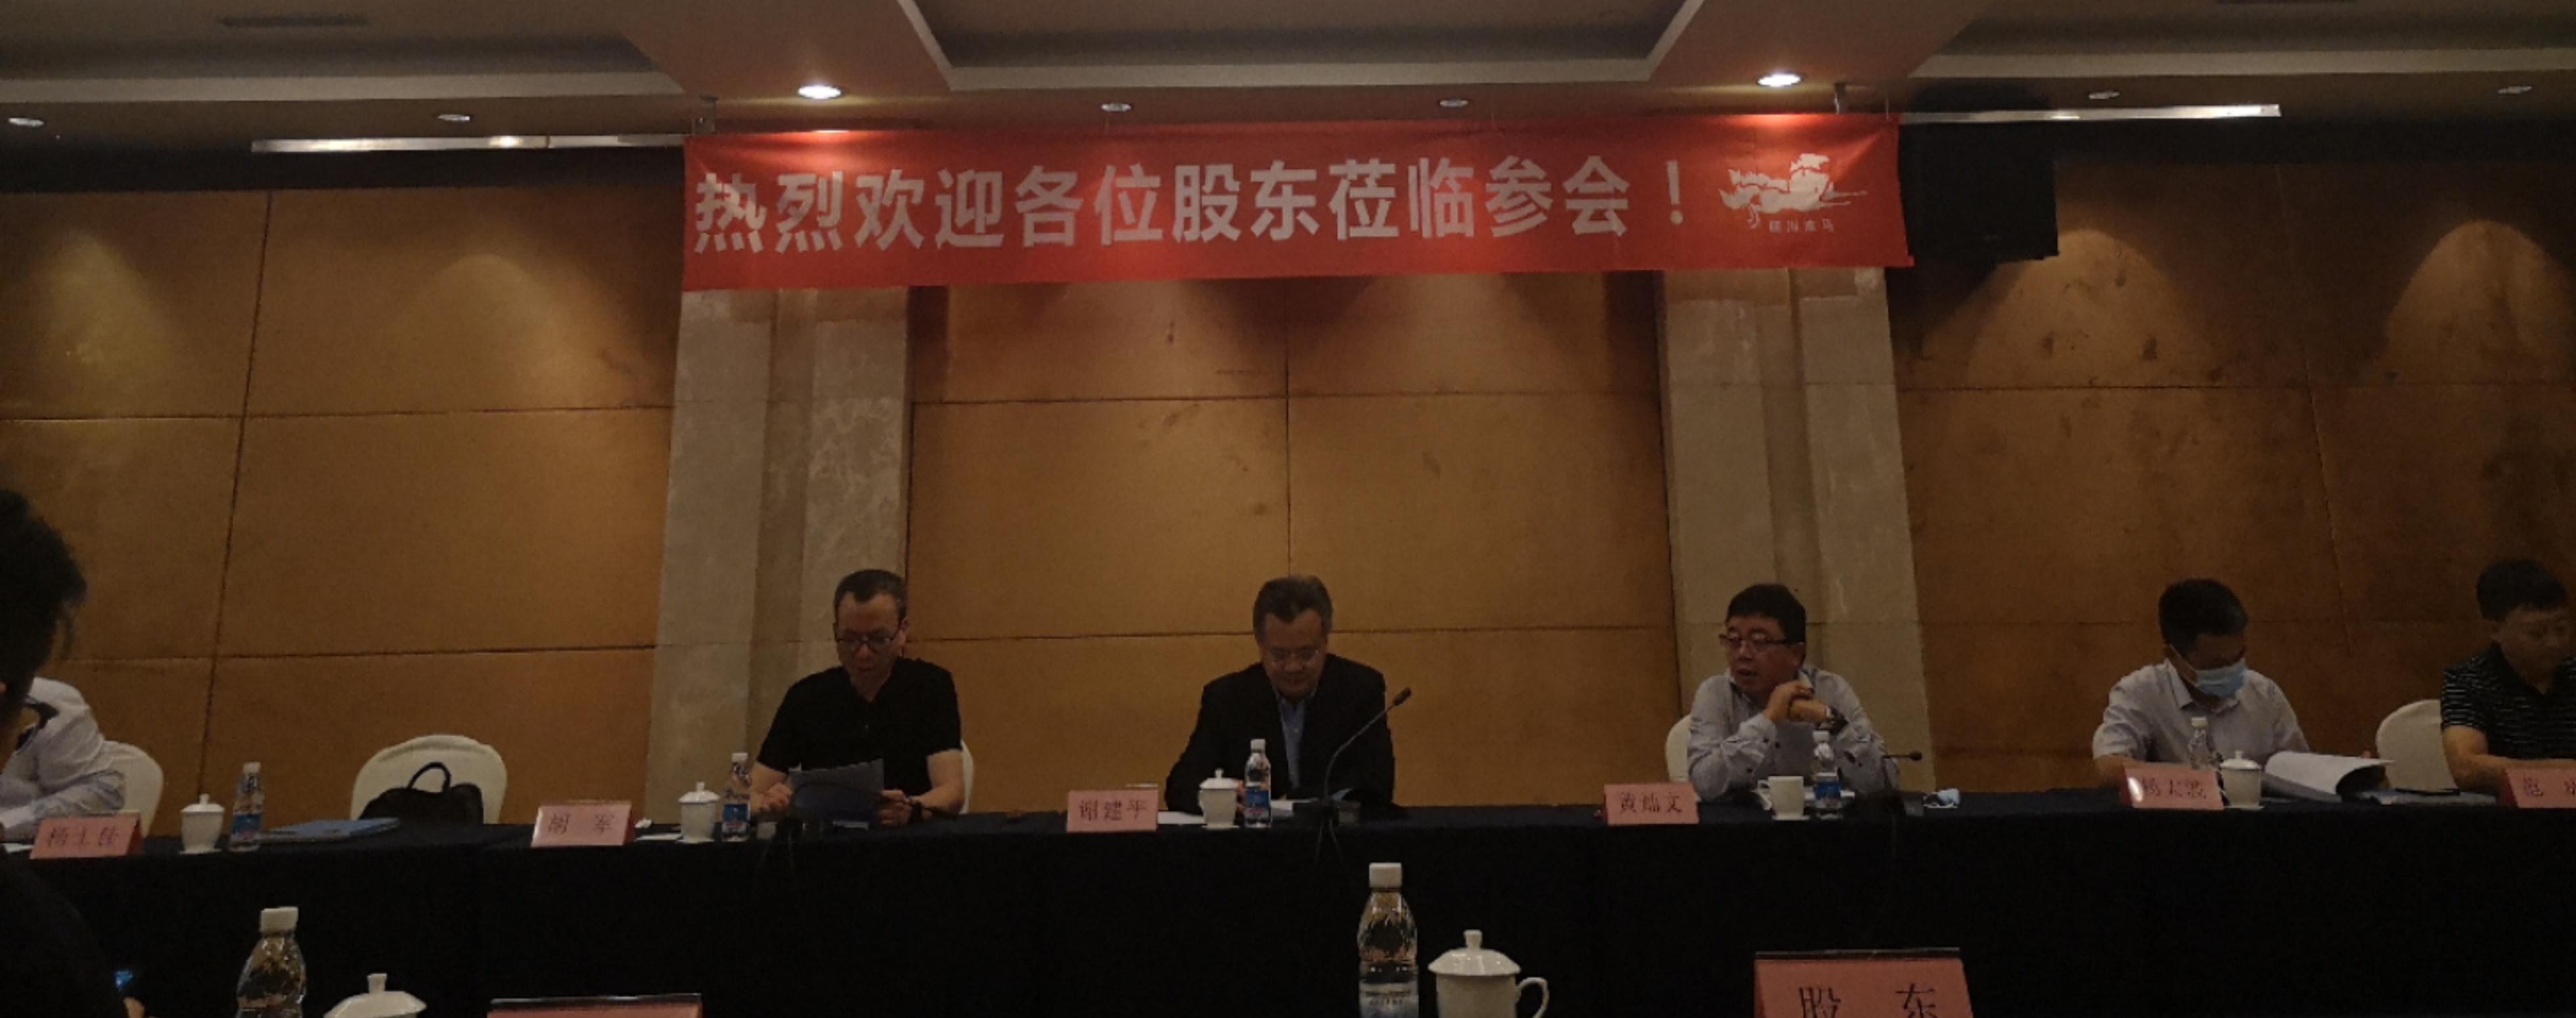 直击股东会|四川双马董事长谈未来 职业教育是重点方向